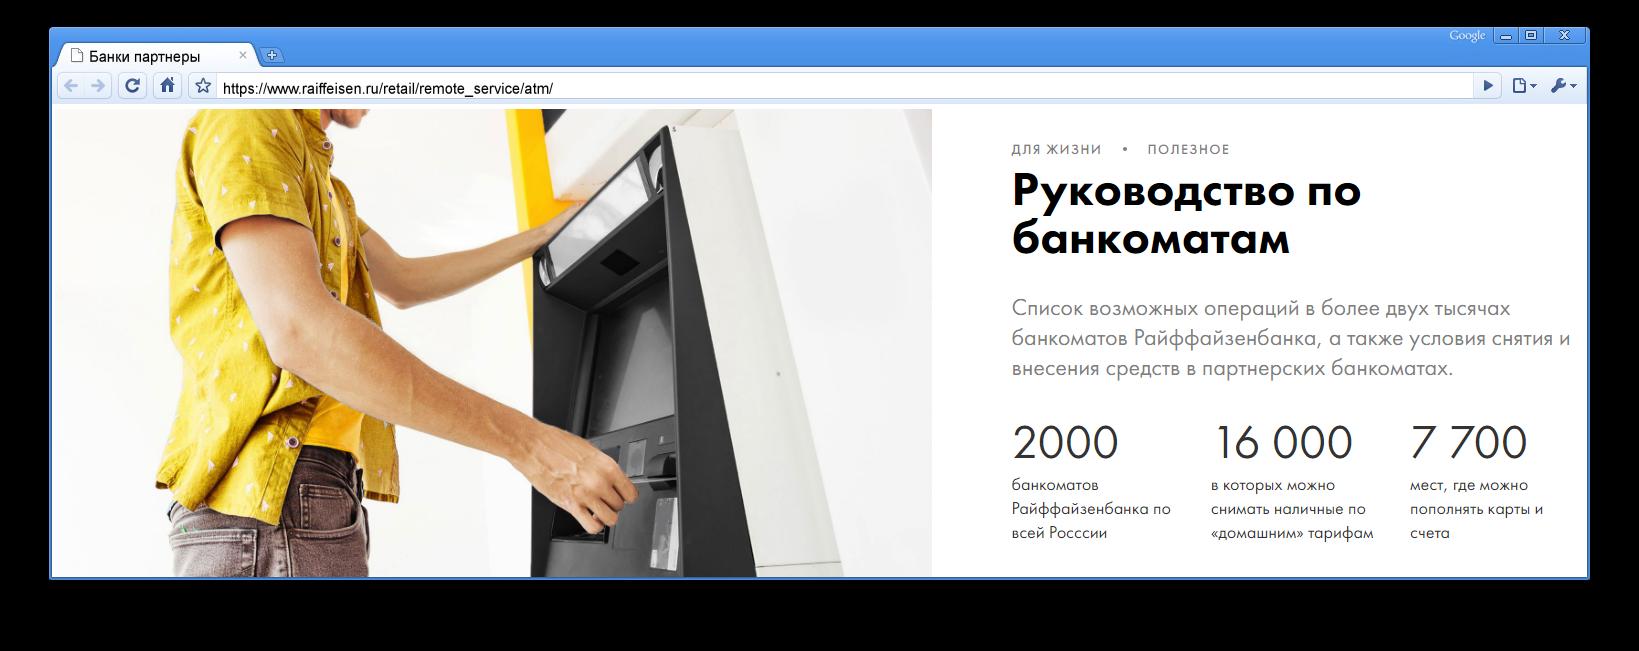 Список банков партнеров МКБ банка